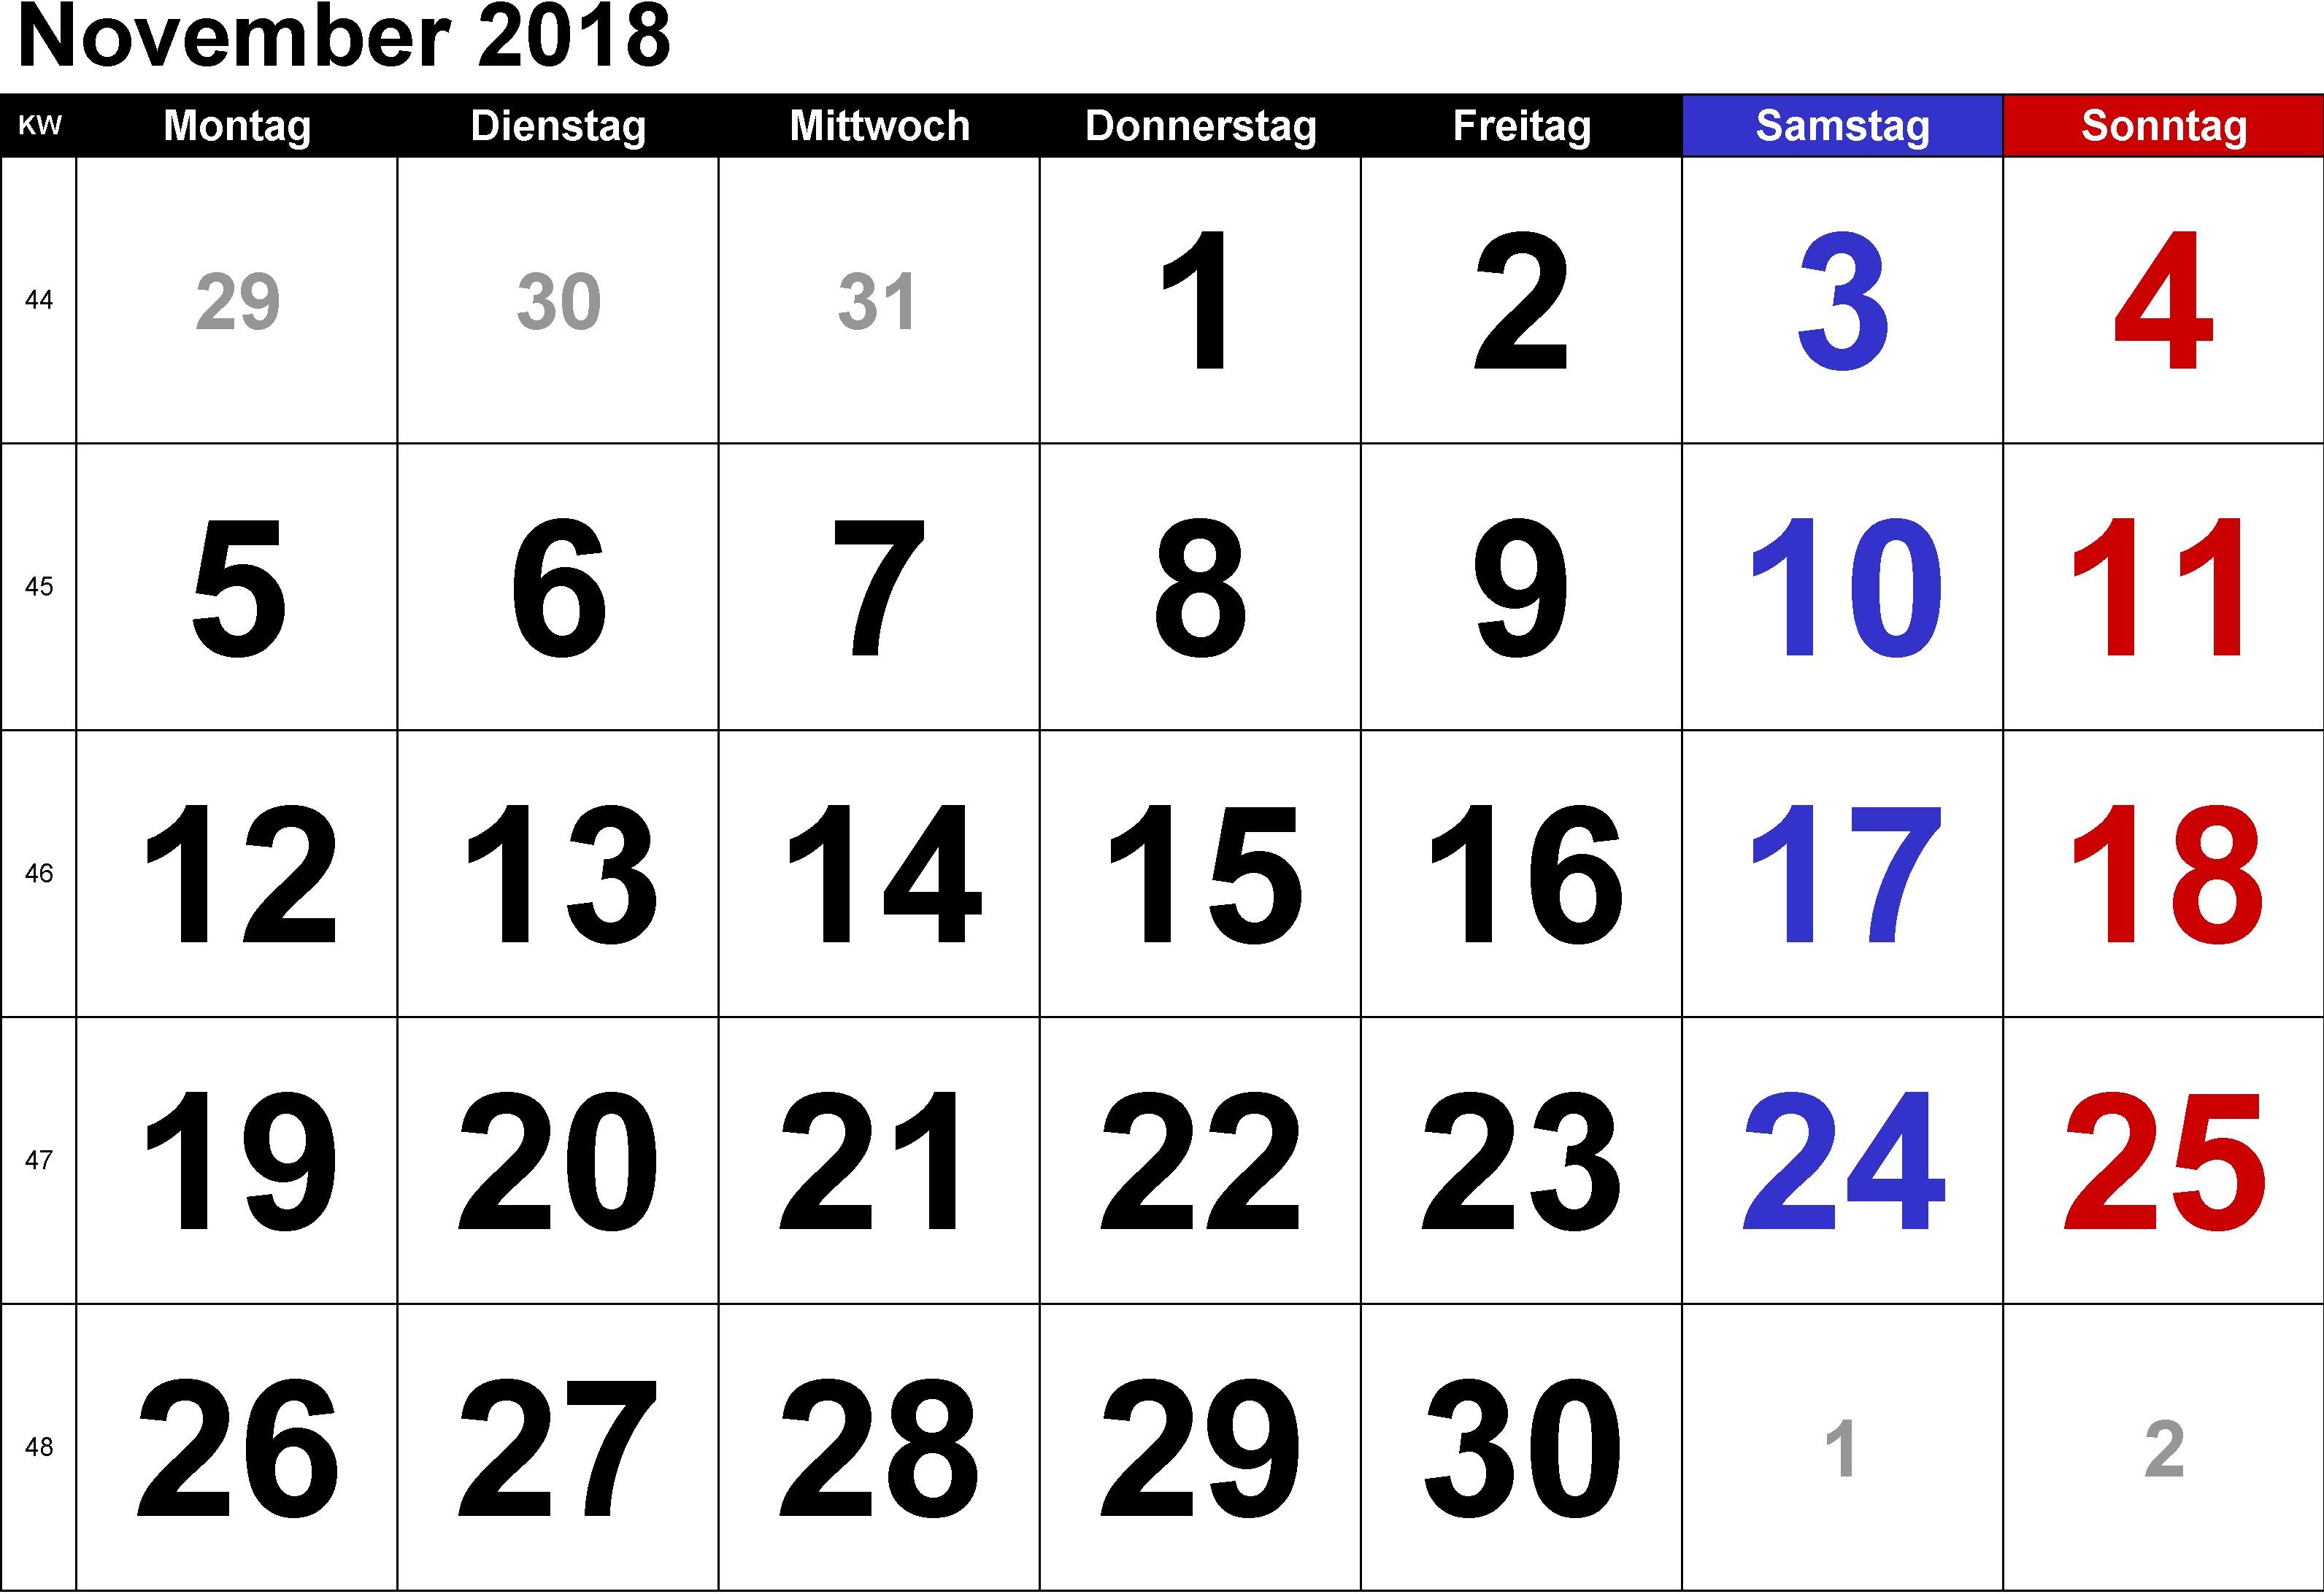 Calendario Noviembre 2017 Imprimir Gratis Mejores Y Más Novedosos Kalender Jawa November 2018 Of Calendario Noviembre 2017 Imprimir Gratis Más Recientes Calendar 2018 October Moon Phase October Calendar Printable